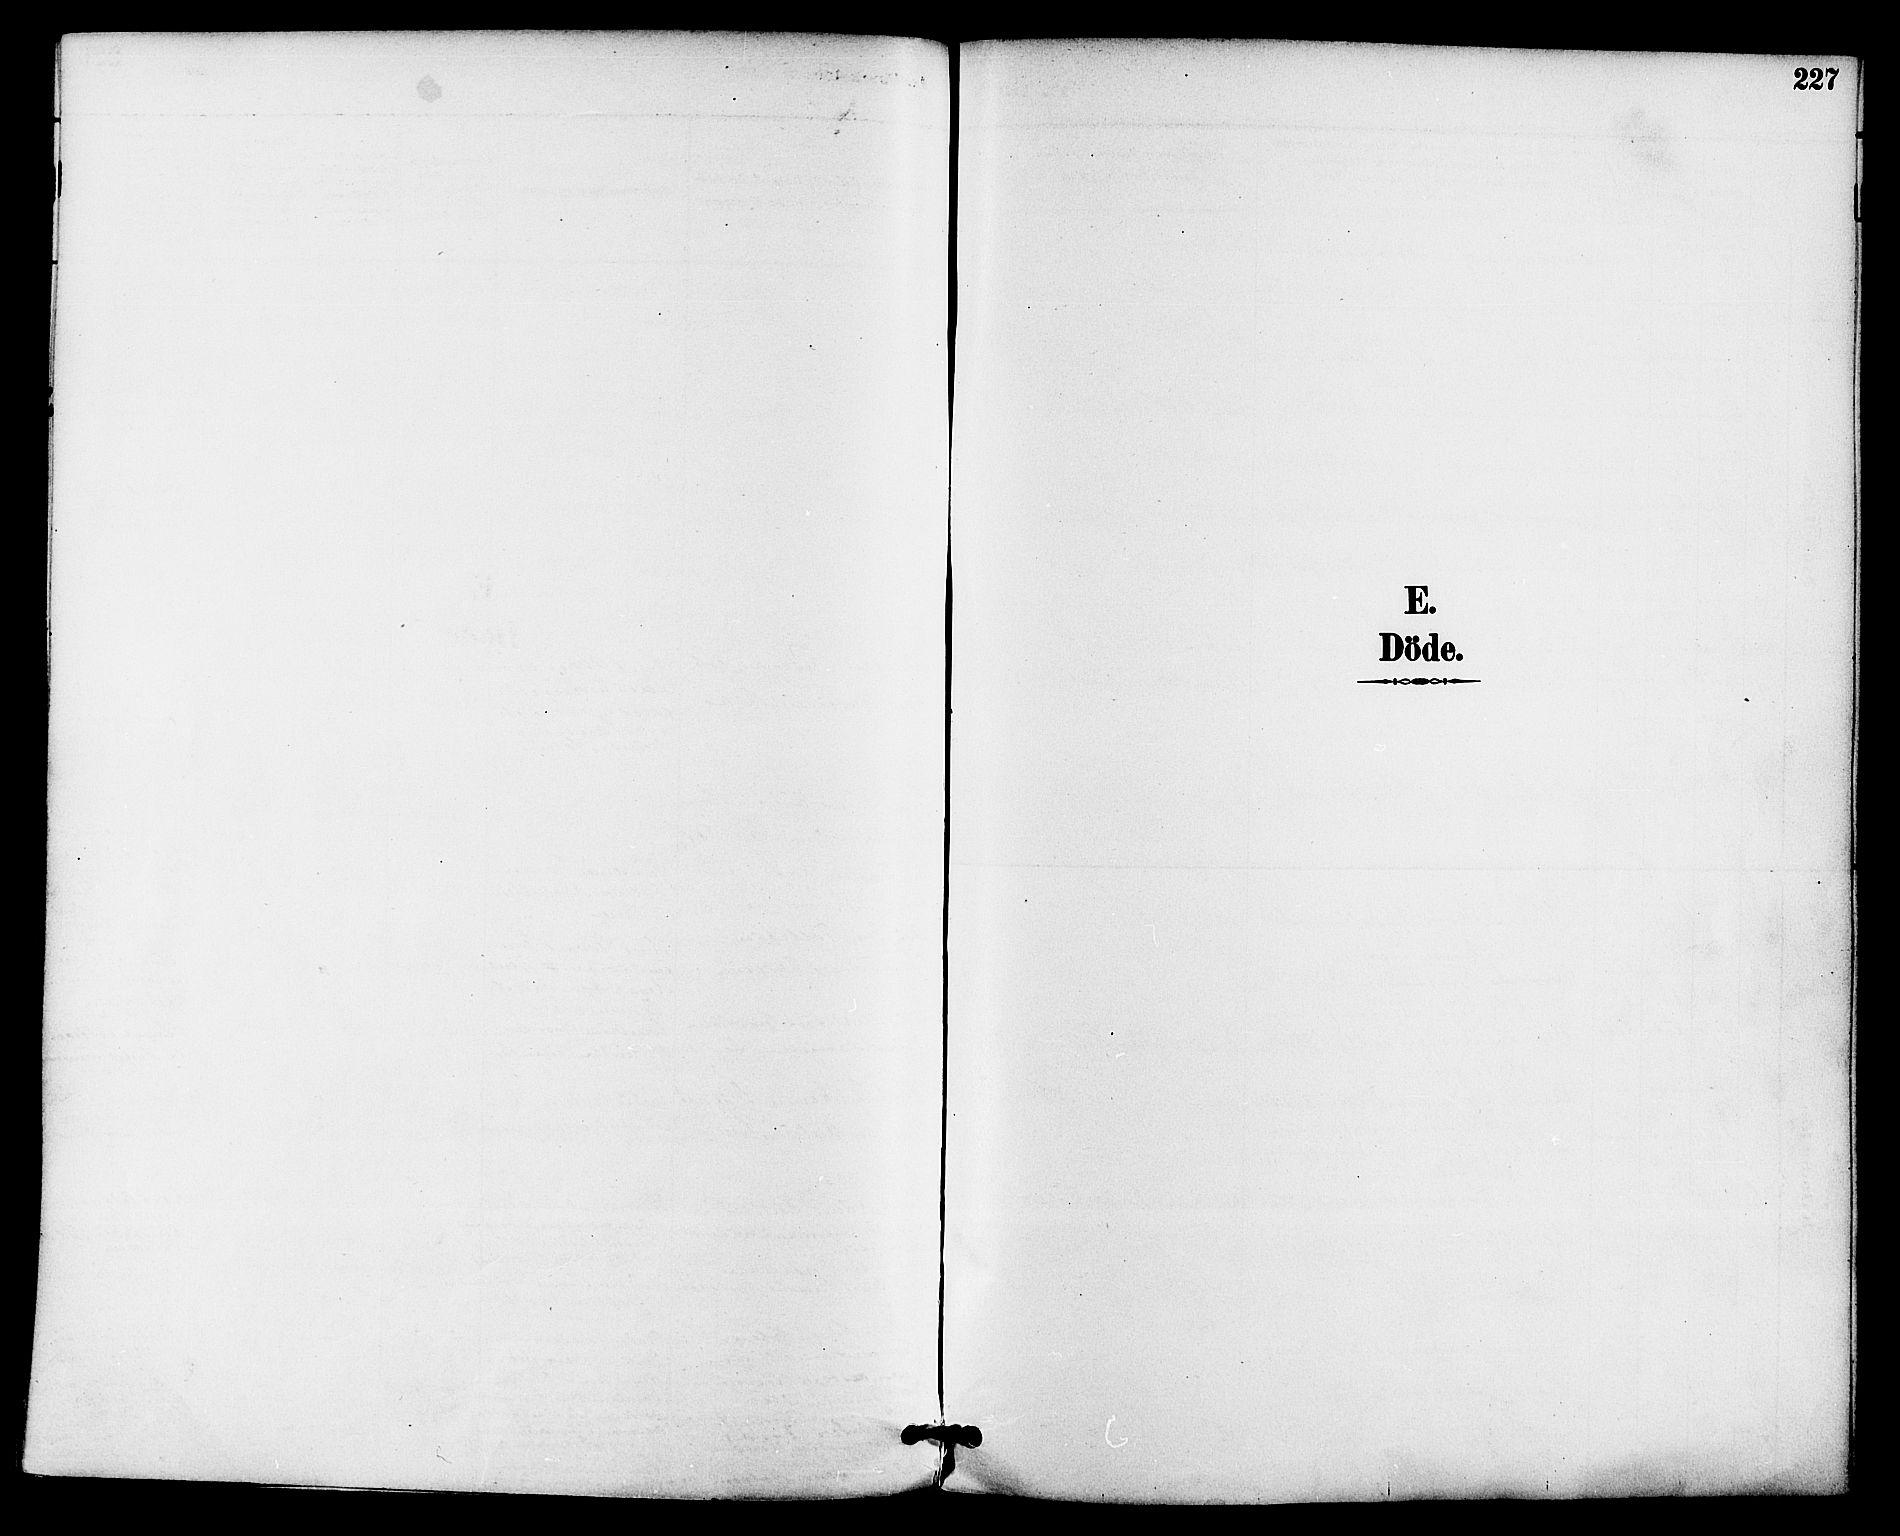 SAKO, Gjerpen kirkebøker, F/Fa/L0010: Ministerialbok nr. 10, 1886-1895, s. 227